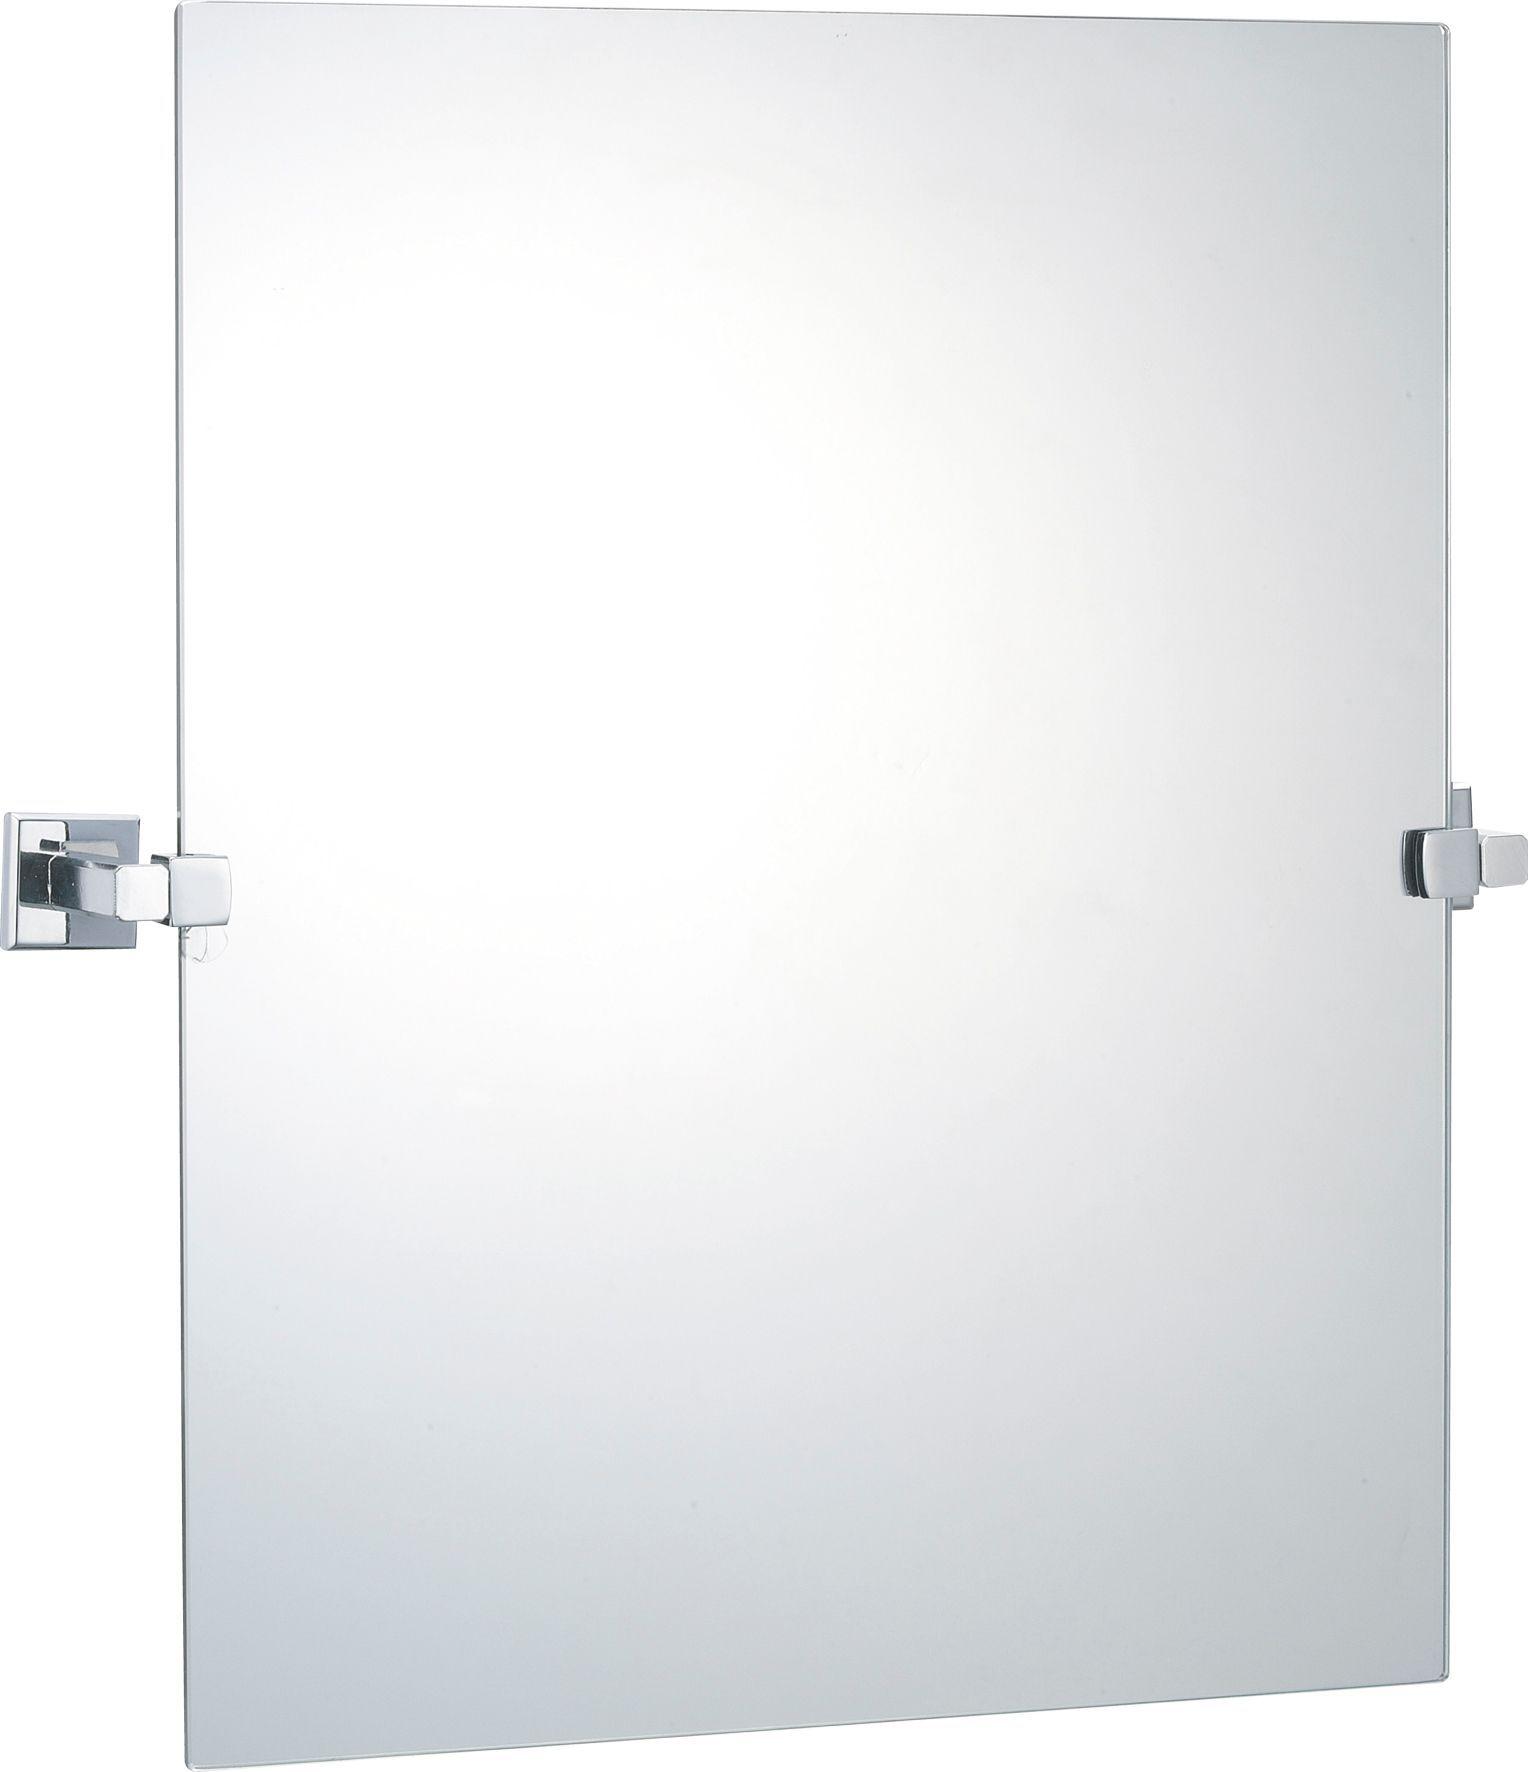 BQ Linear Square Wall Mirror W470mm H500mm